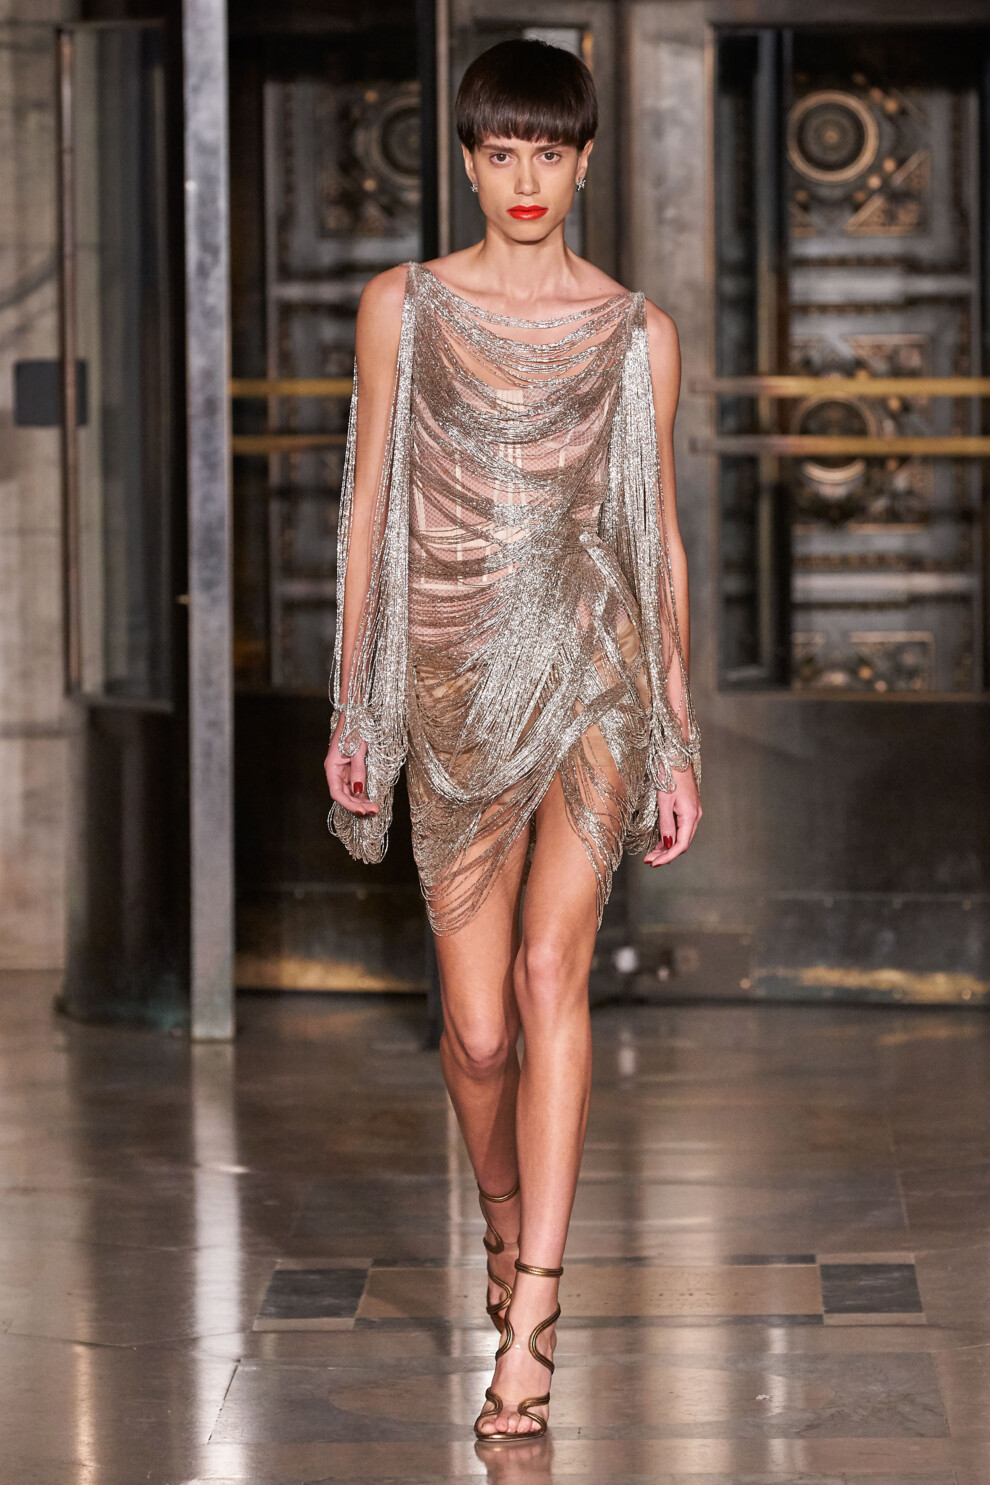 Эффектное платье для вечеринки в стиле Гэтсби от Oscar de la Renta